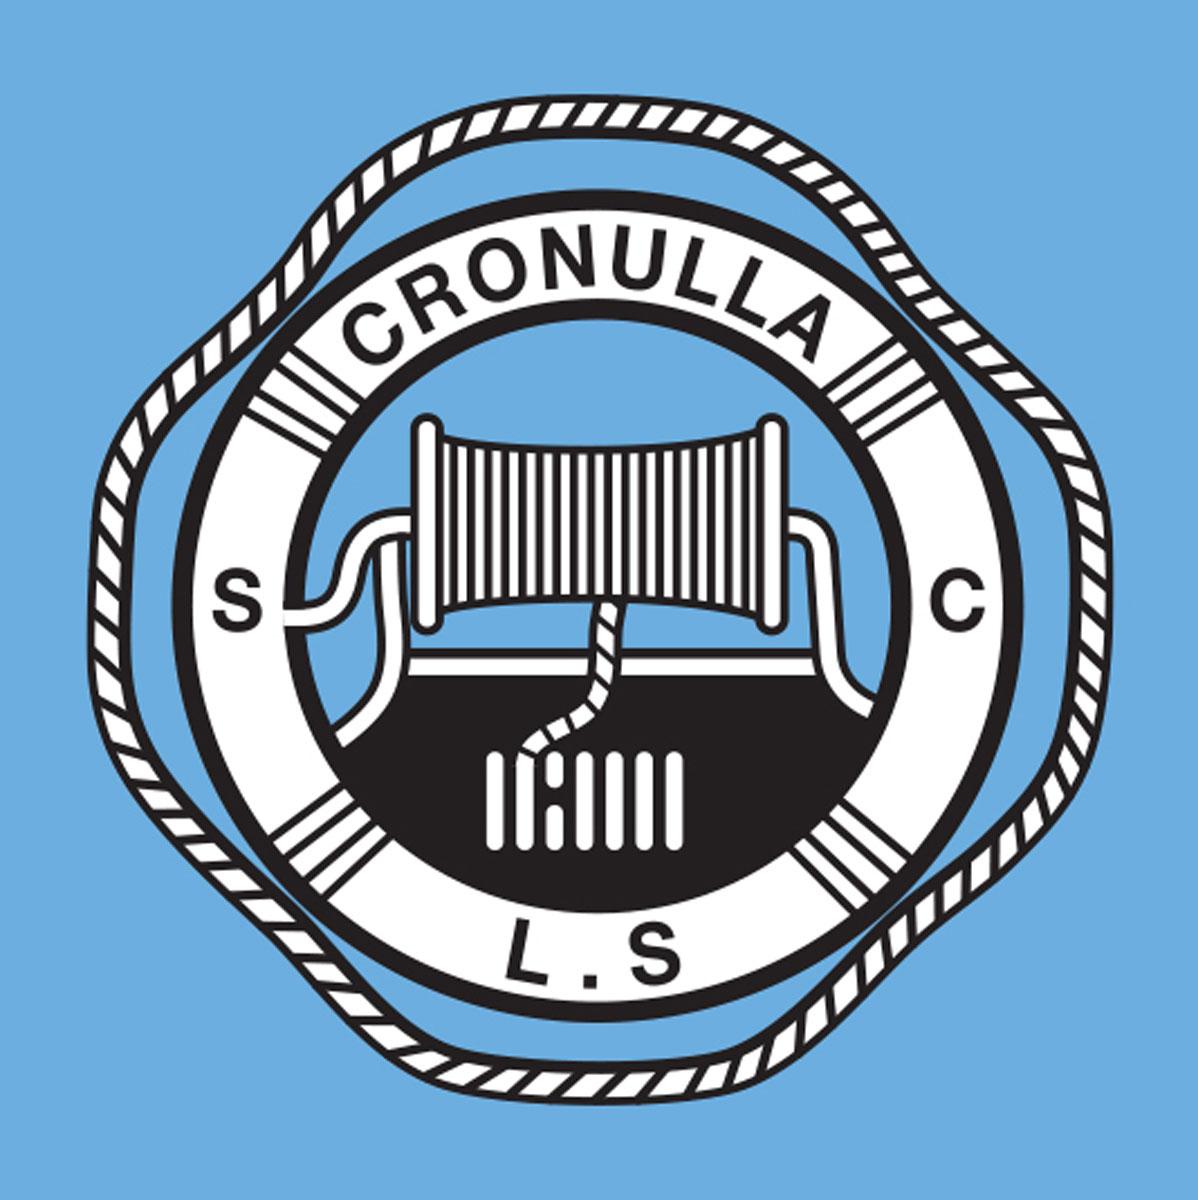 Cronulla SLSC 1